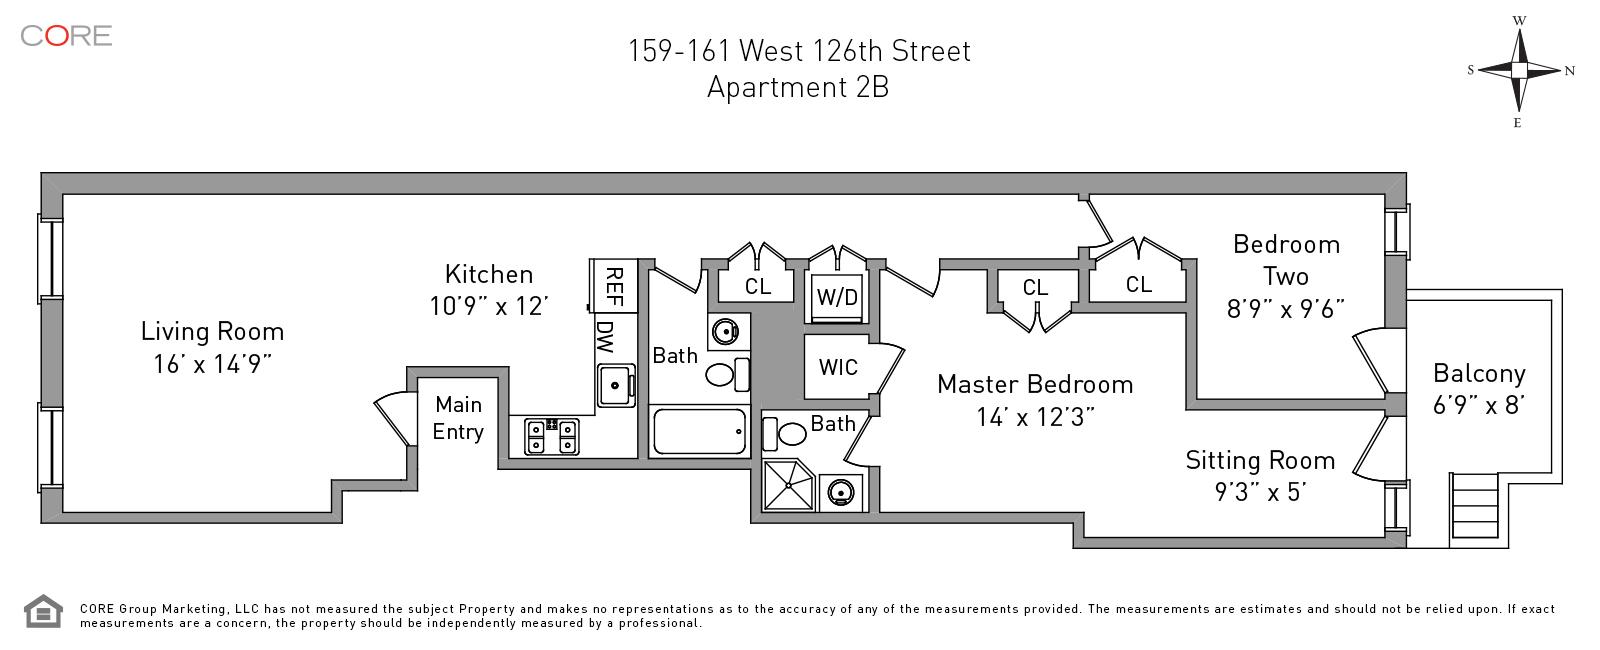 159 West 126th St 2B, New York, NY 10027